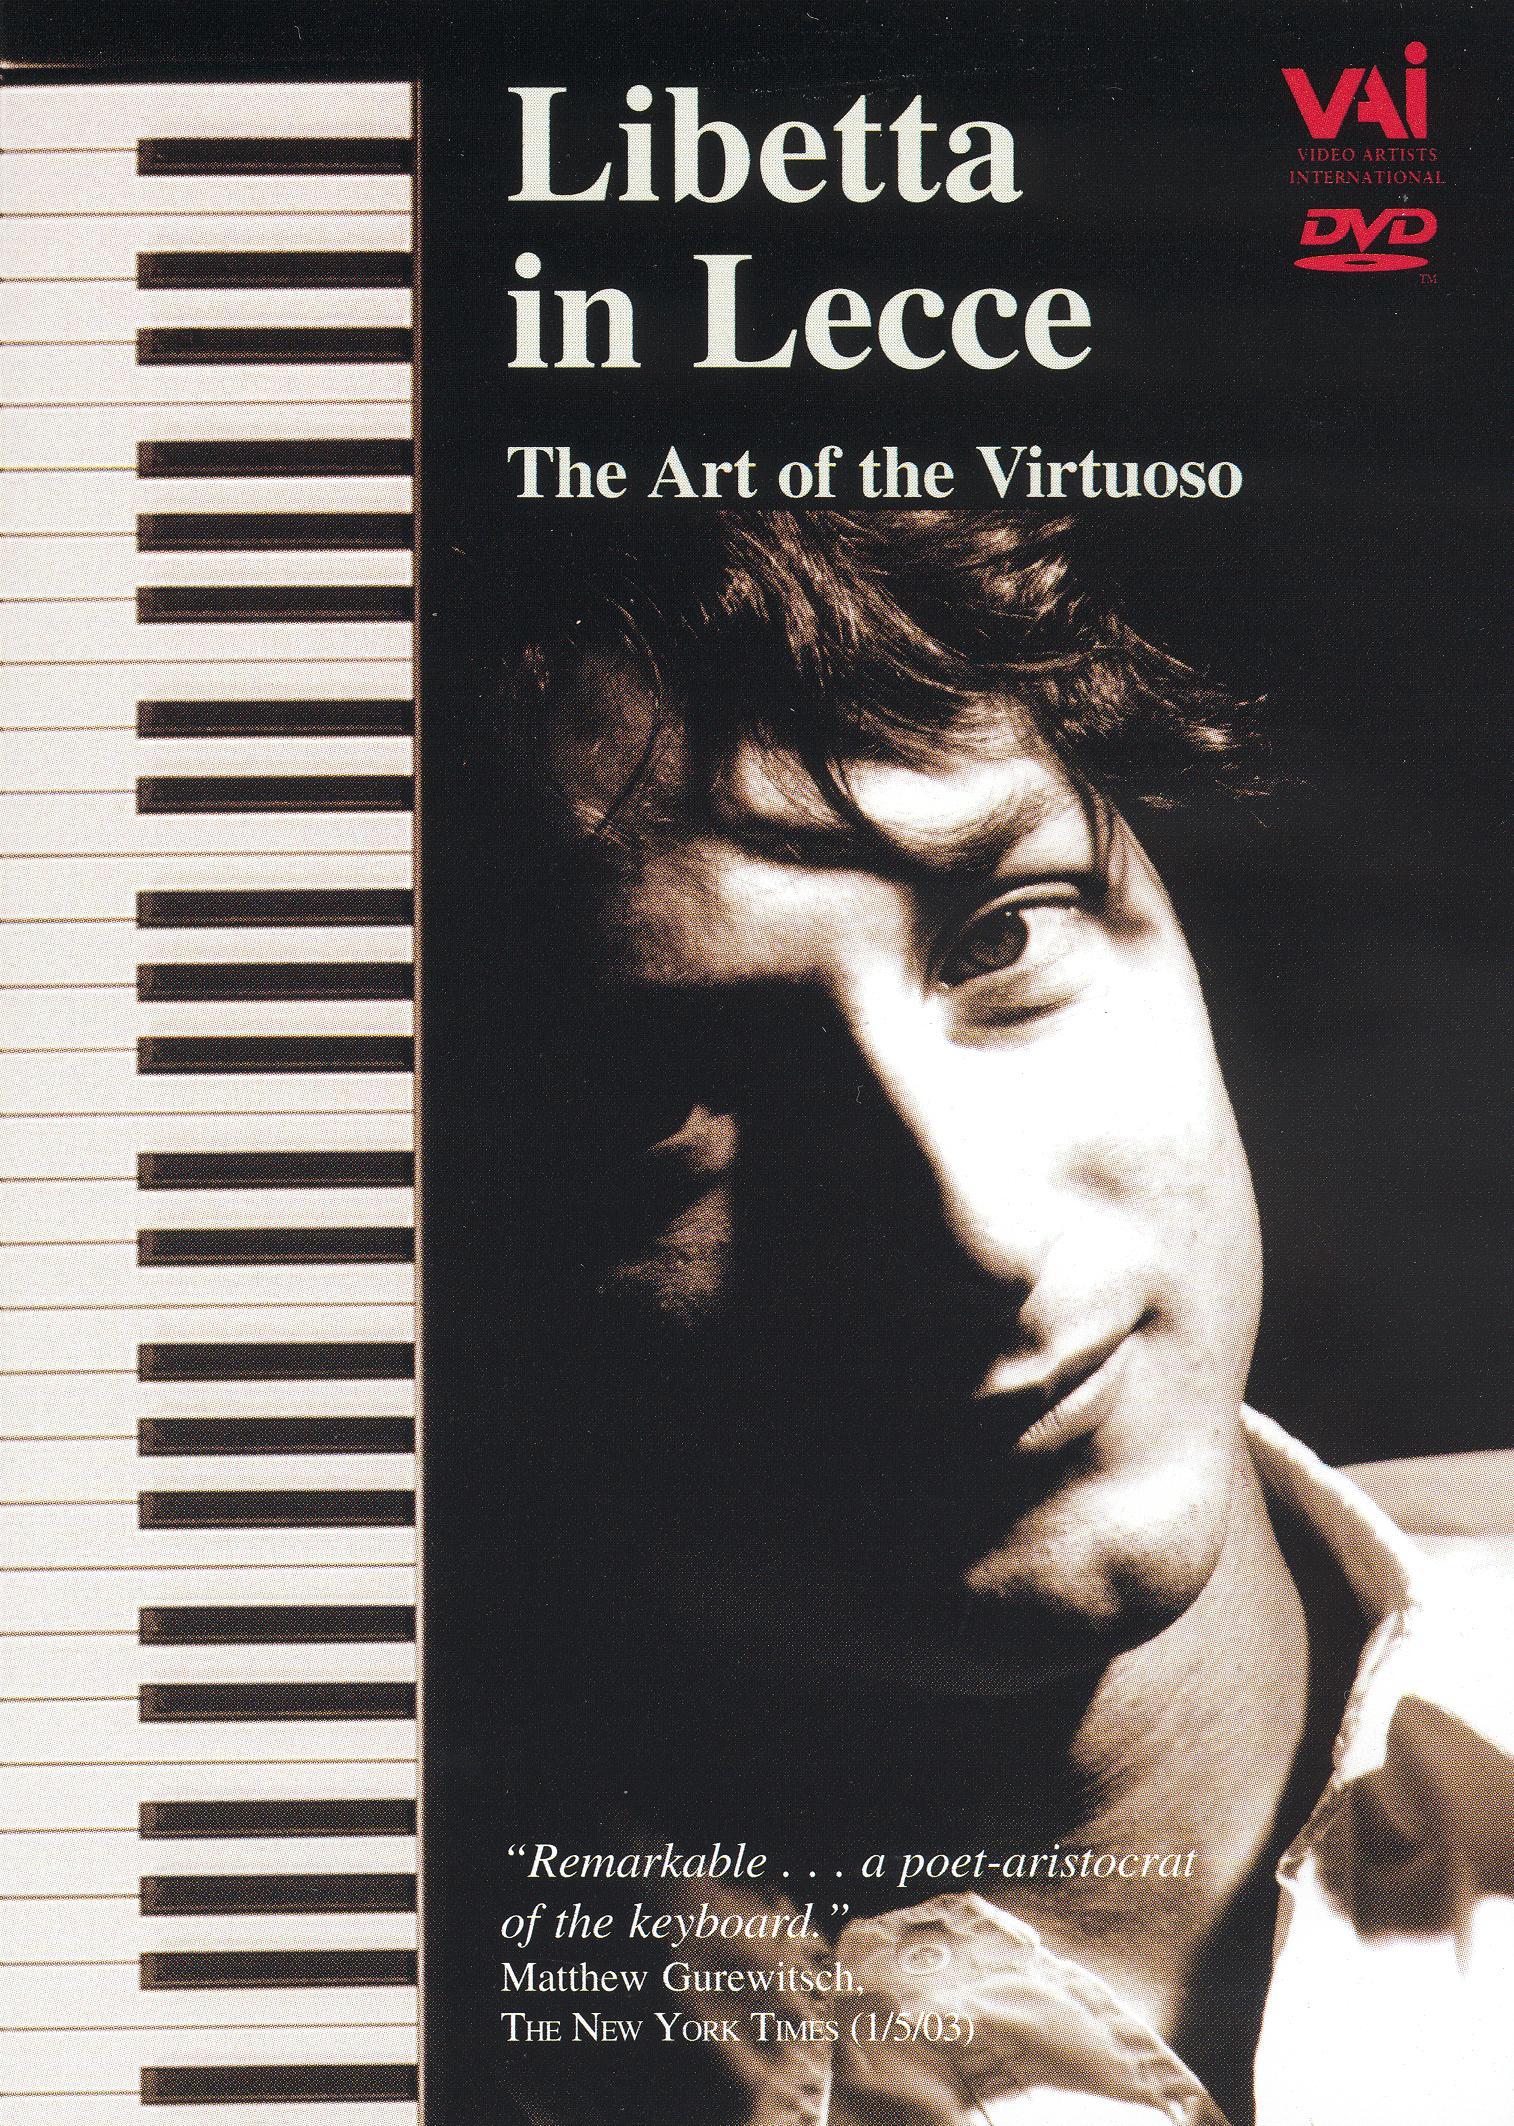 Francesco Libetta in Lecce: The Art of the Virtuoso